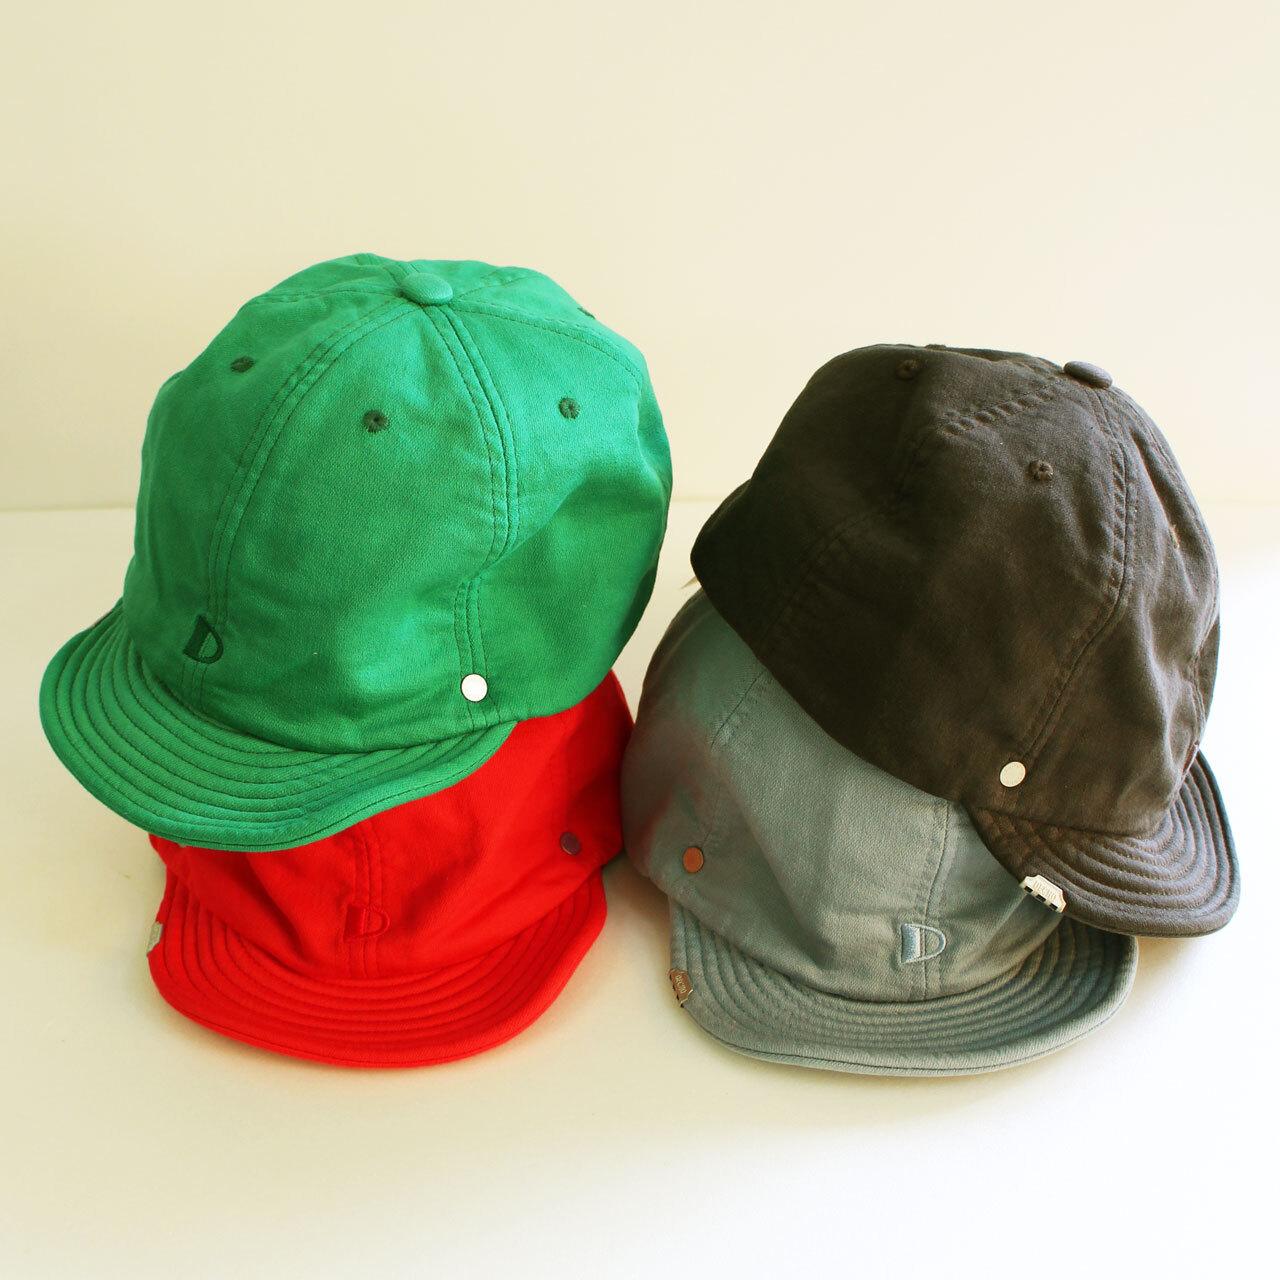 DECHO (デコー) LOGO BALL CAP  3-5SD20   カラフルなボールキャップ ユニセックス